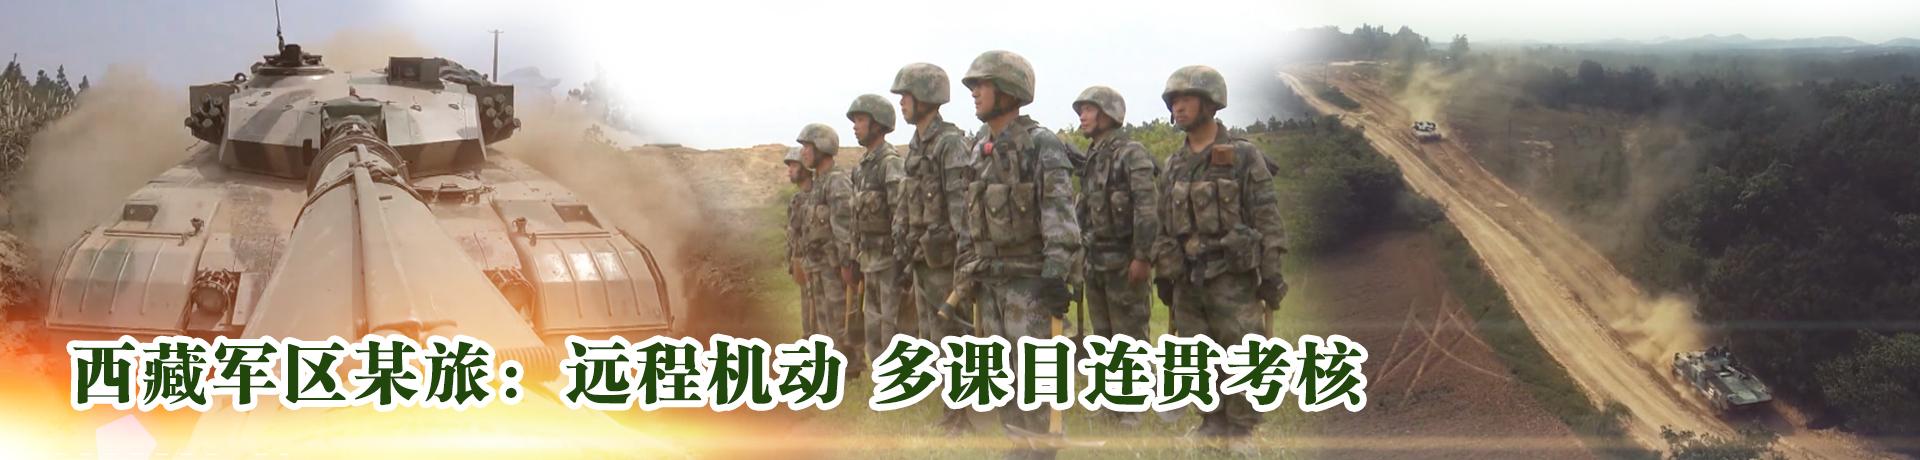 西藏军区某旅:远程机动 多课目连贯考核